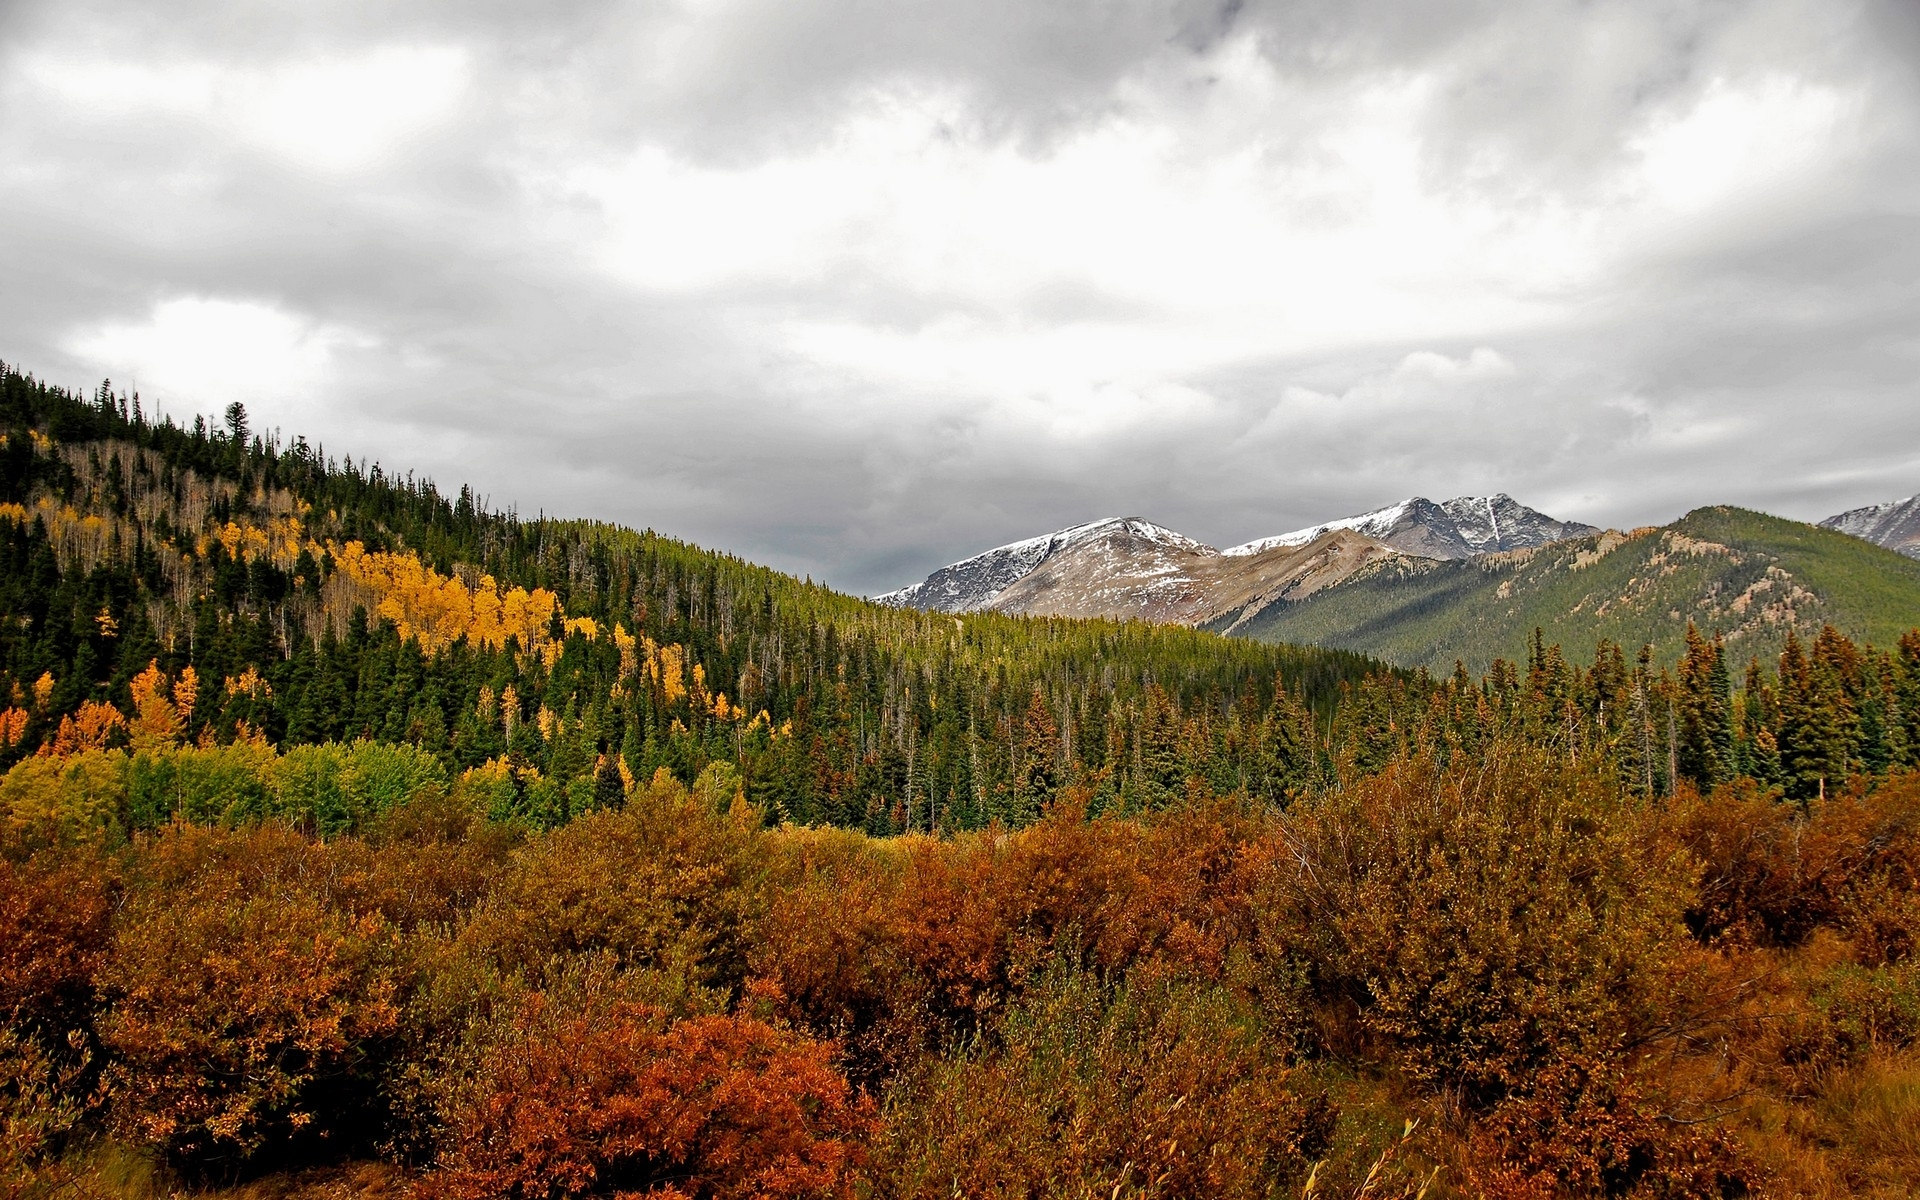 Скачать картинку Горы, Деревья, Пейзаж в телефон бесплатно.